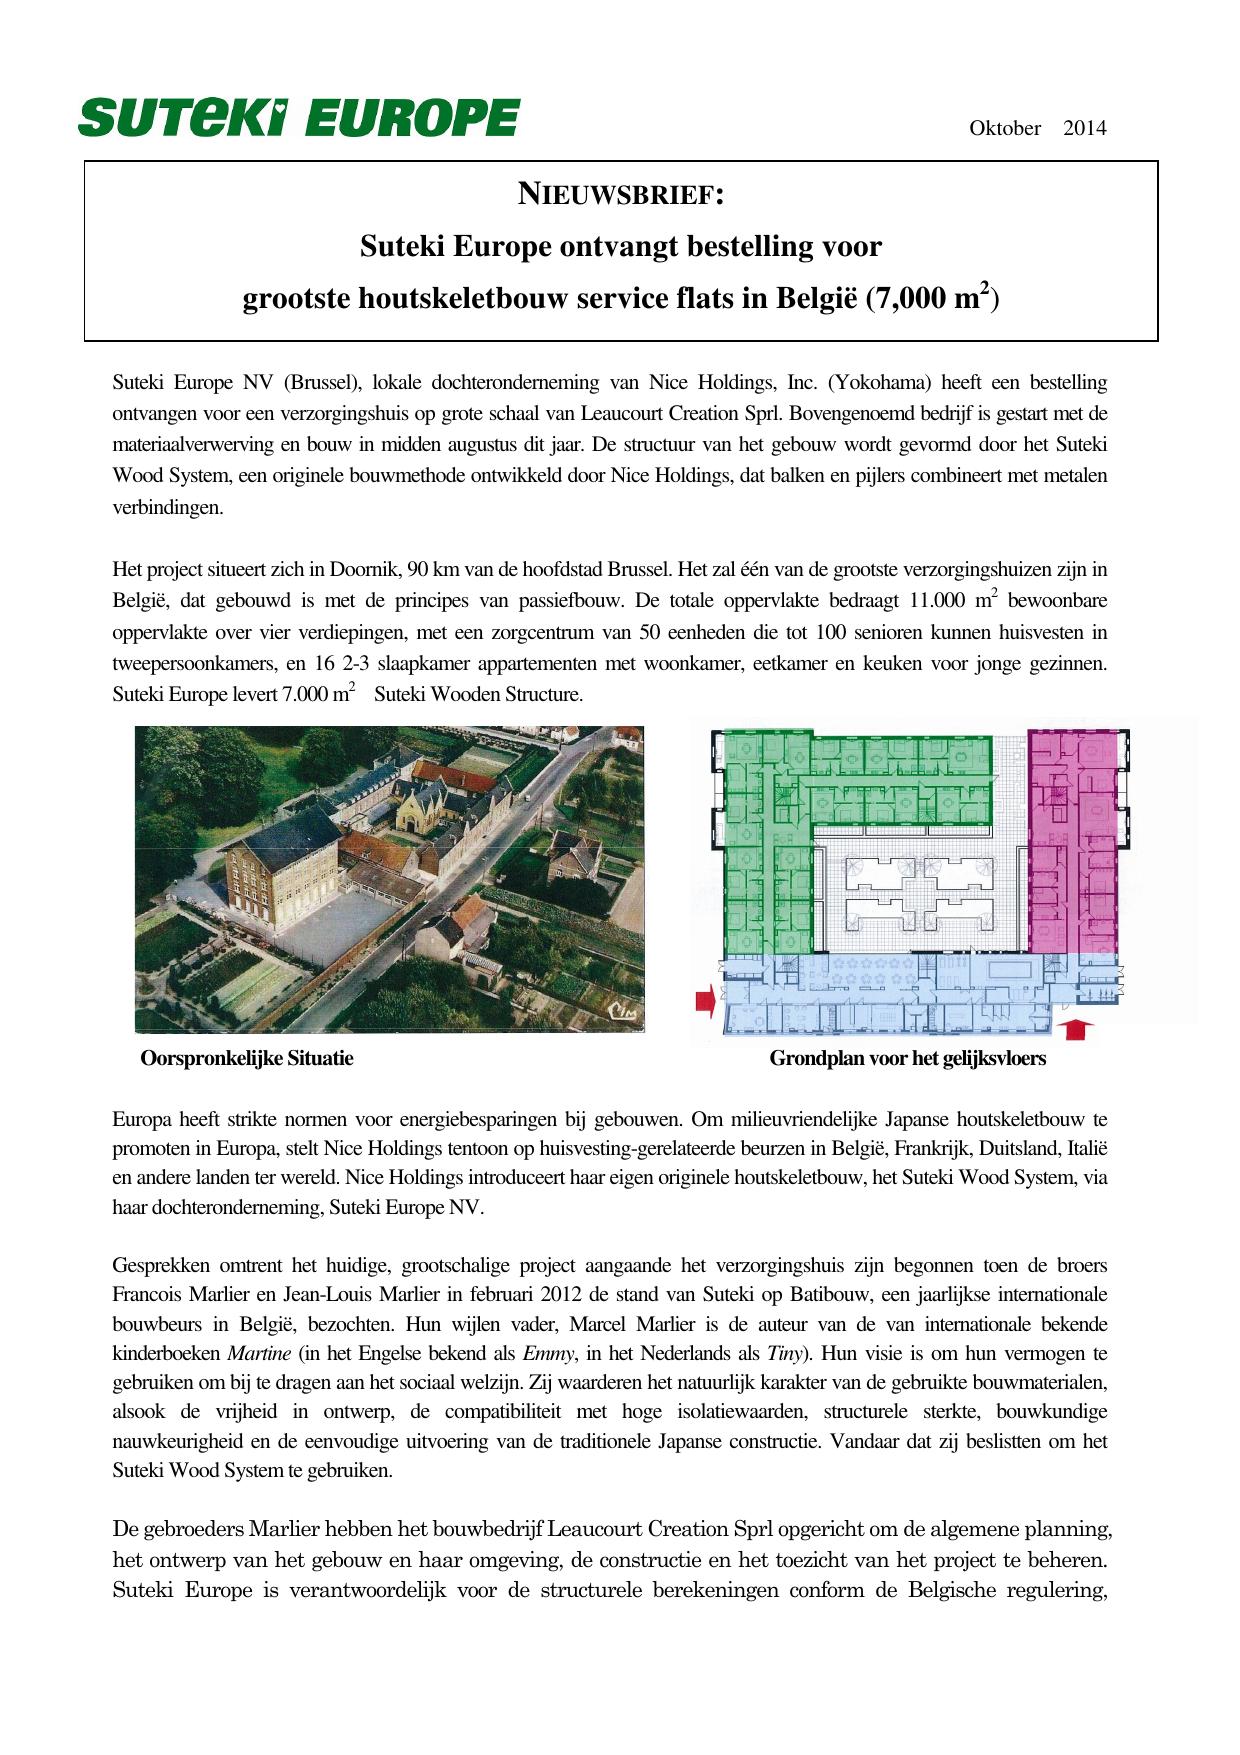 Suteki Europe Ontvangt Bestelling Voor Grootste Houtskeletbouw